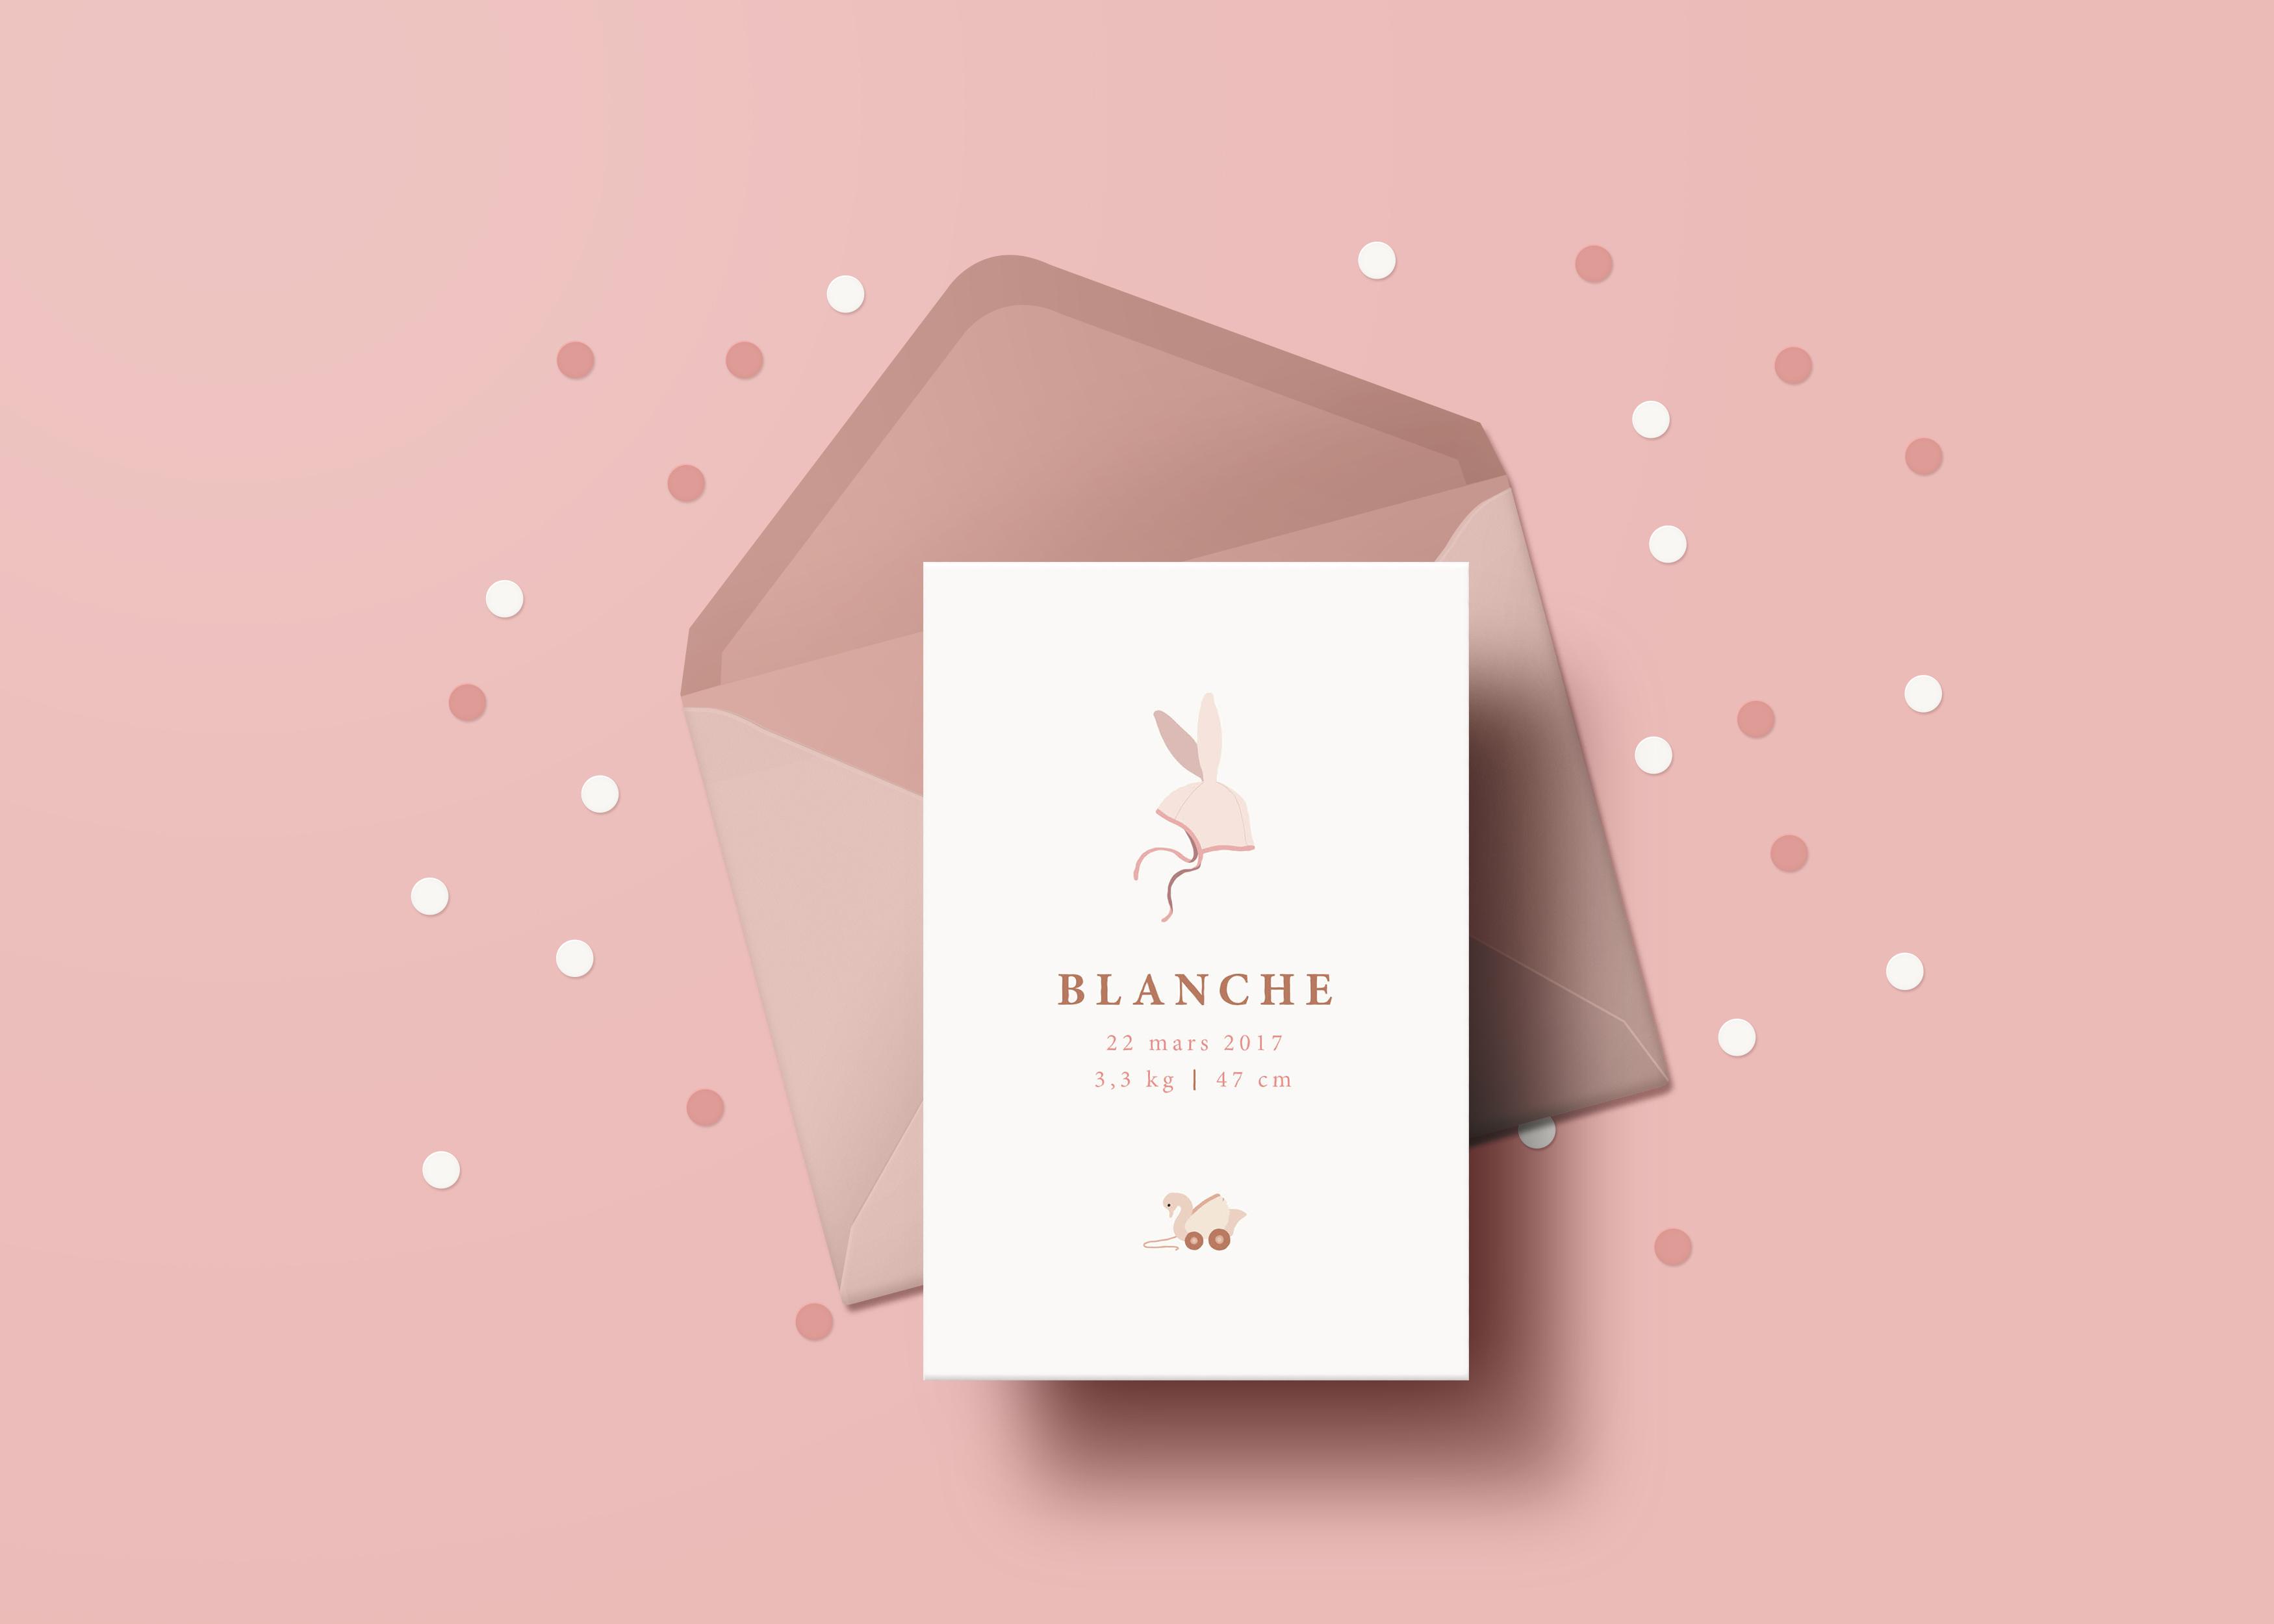 Blanche_mockup4